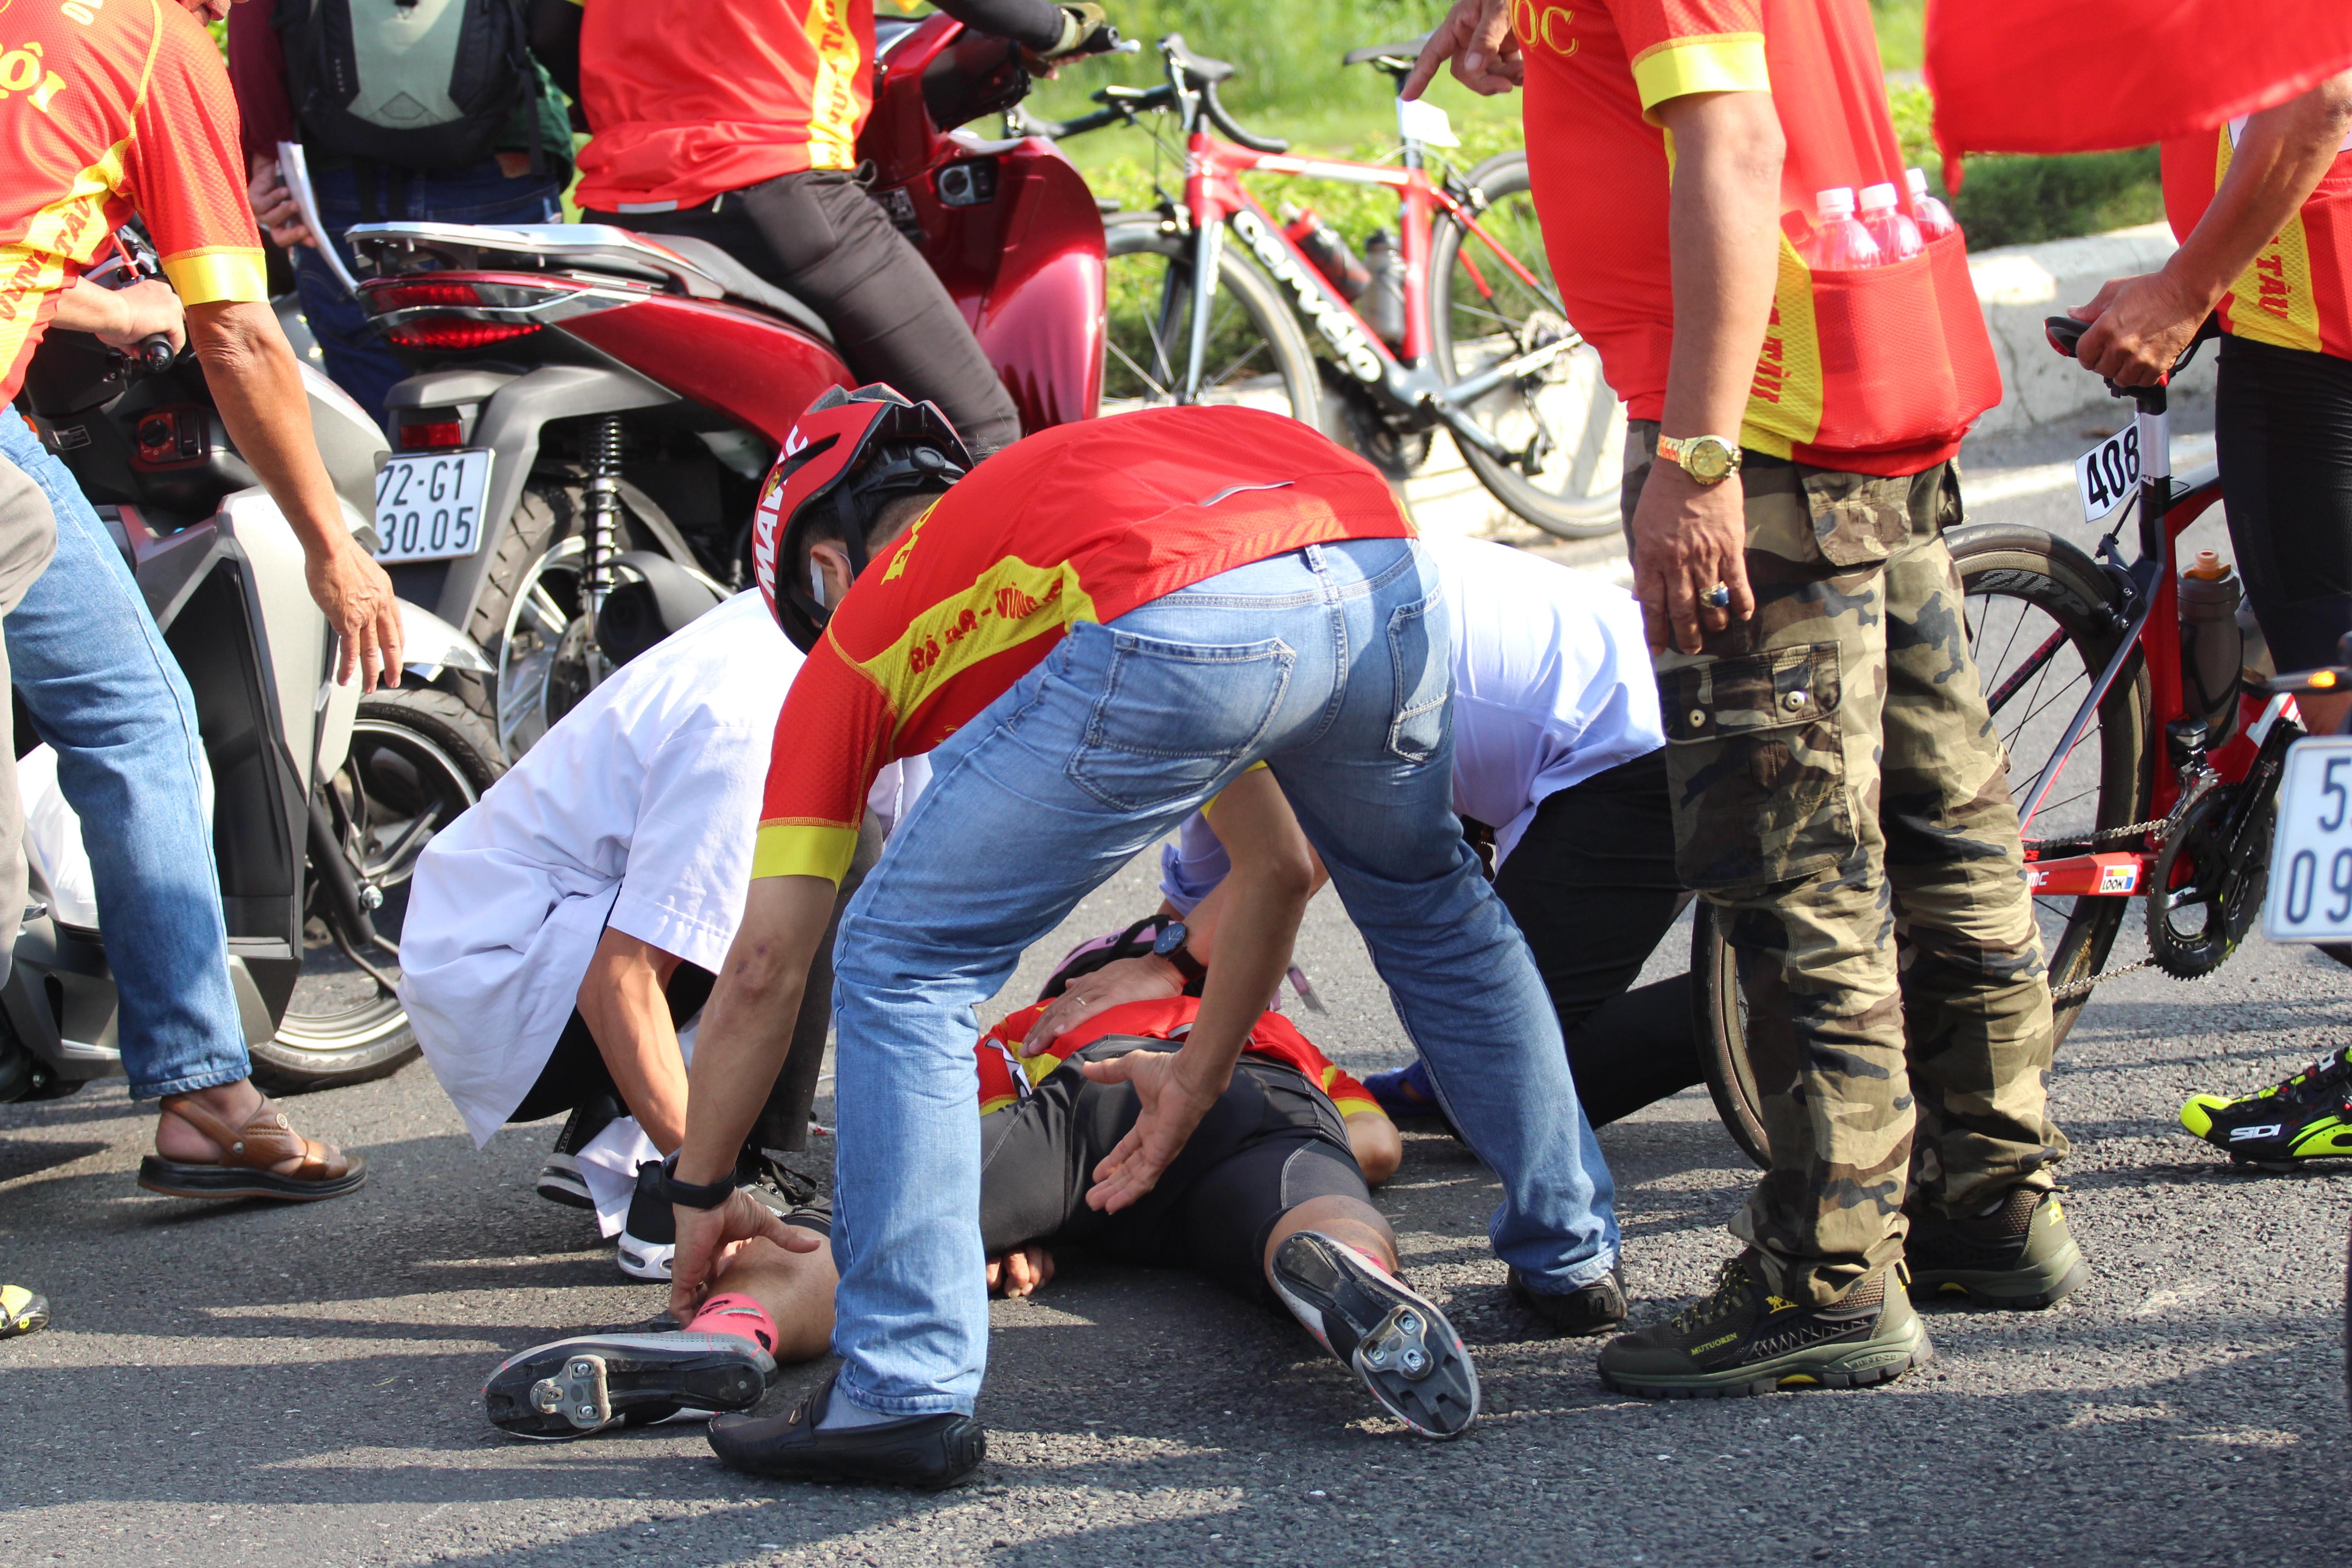 Hình ảnh: Sôi động giải đua xe đạp tỉnh Bà Rịa - Vũng Tàu mở rộng 2020 số 3